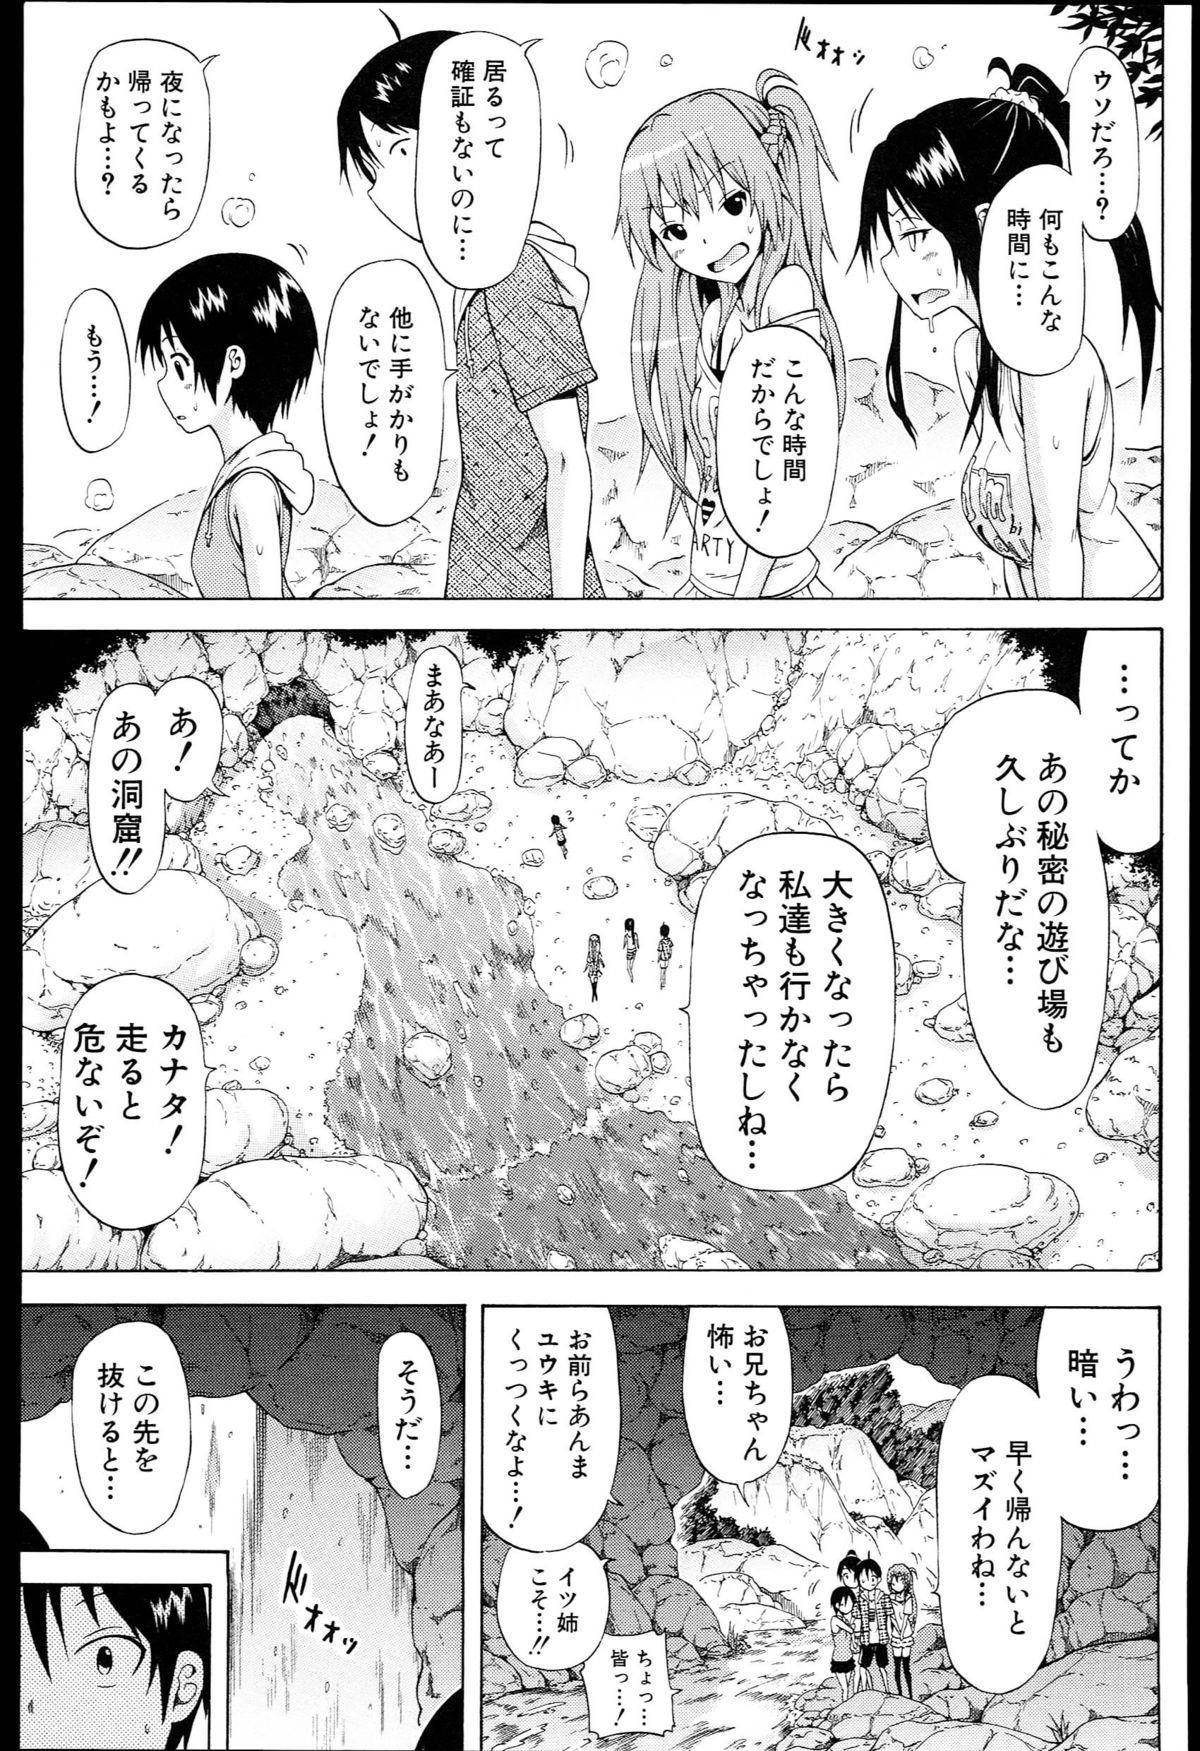 Natsumitsu x Harem + Melonbooks Gentei Shousasshi 167